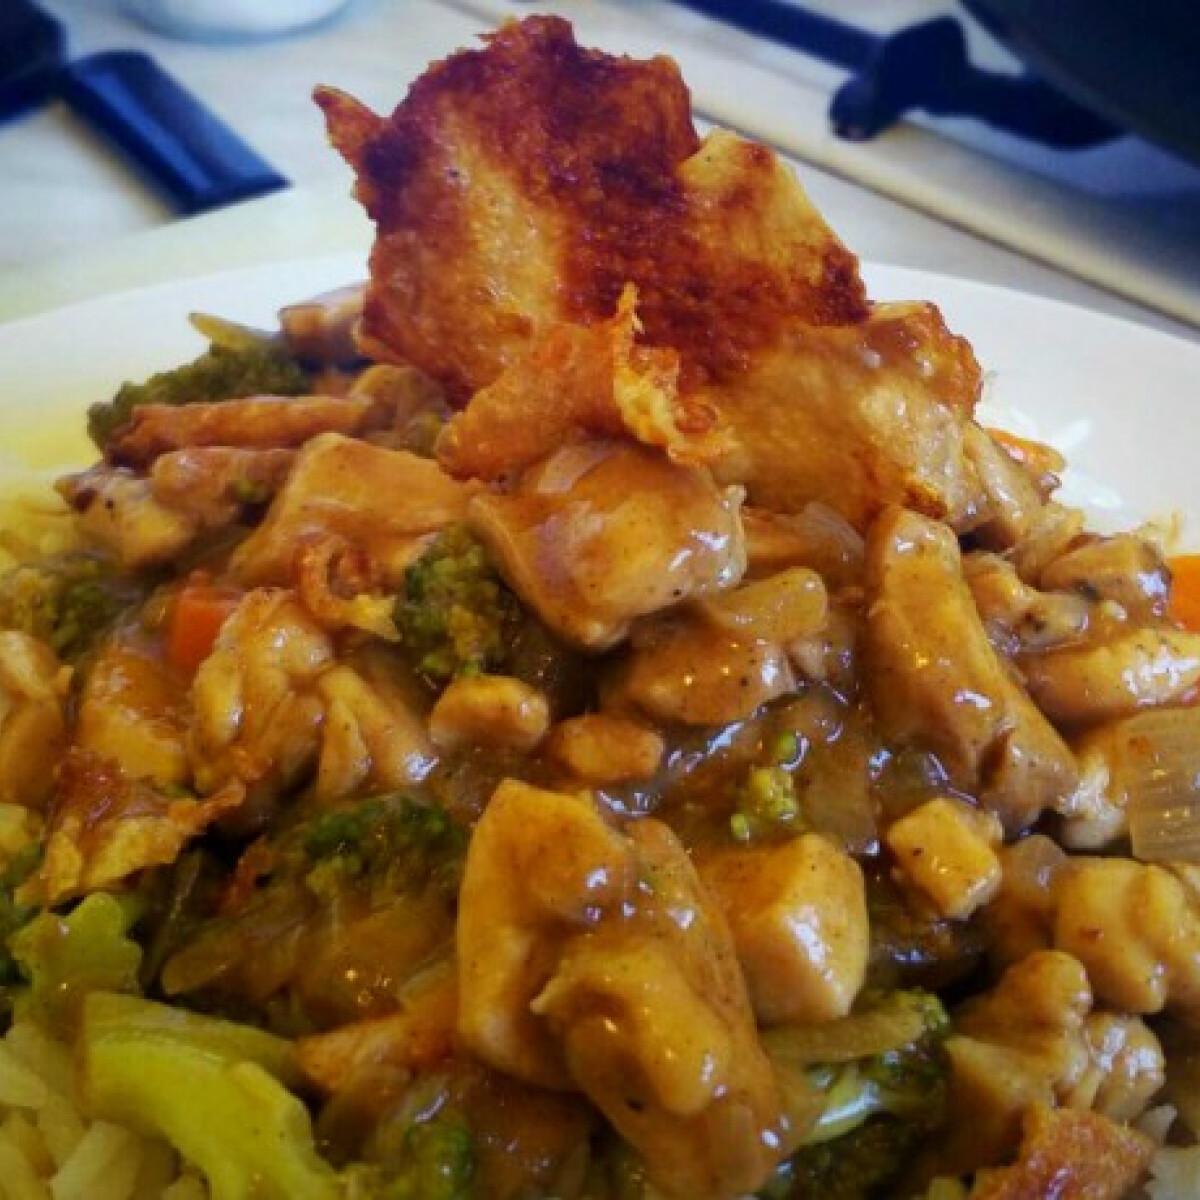 Zöldséges csirkeragu Norbi06 konyhájából